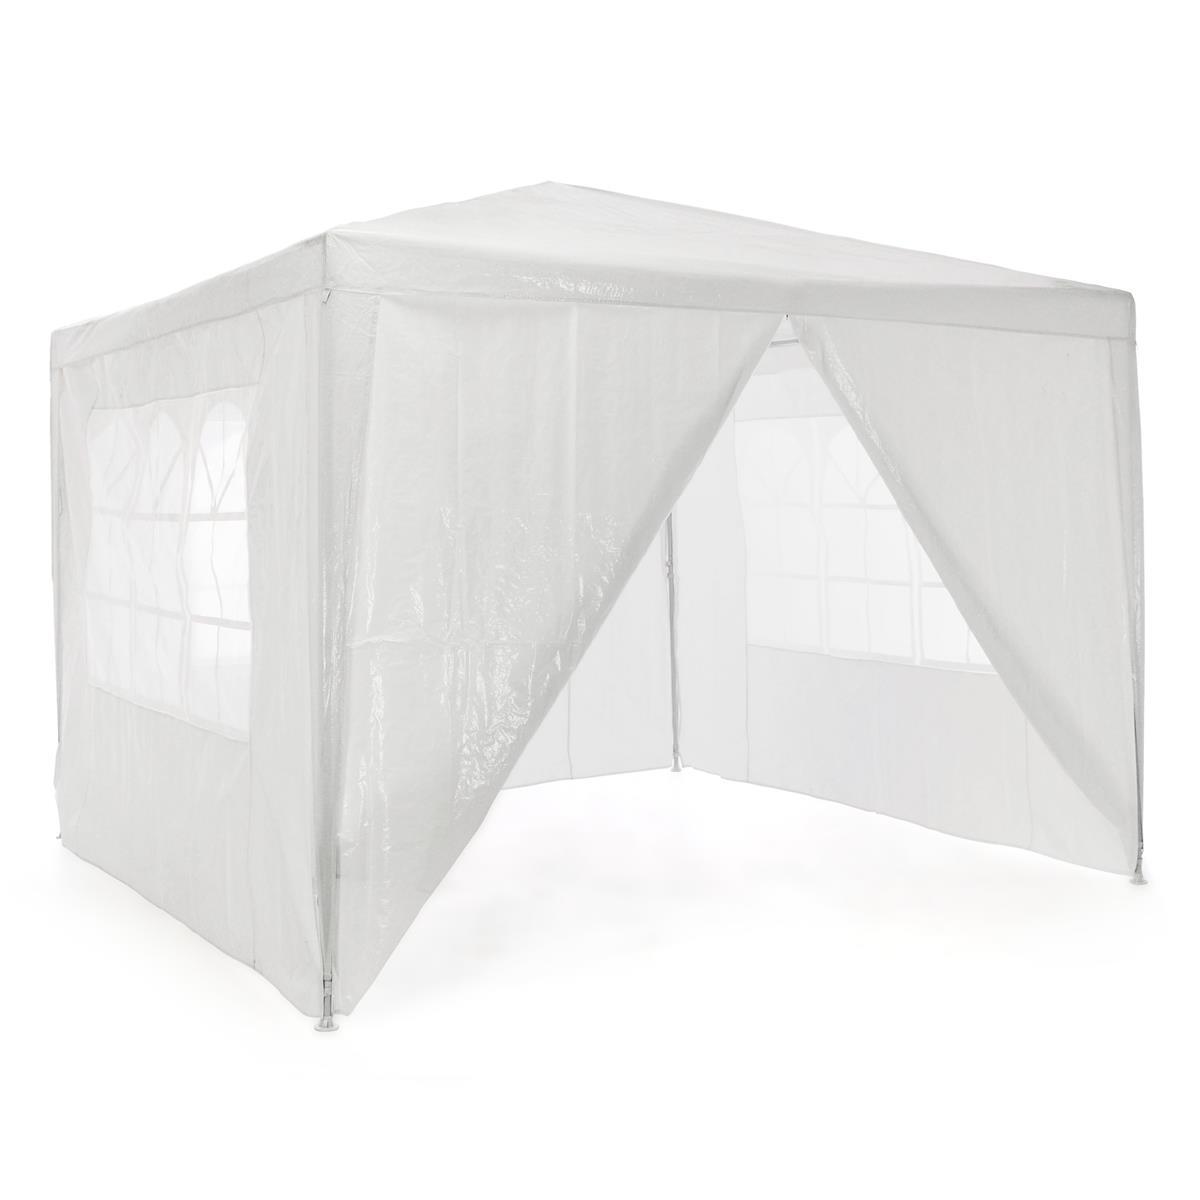 Pavillon 3x3 m in weiß PE Plane 4 Seitenteile Partyzelt Gartenzelt Sonnenschutz